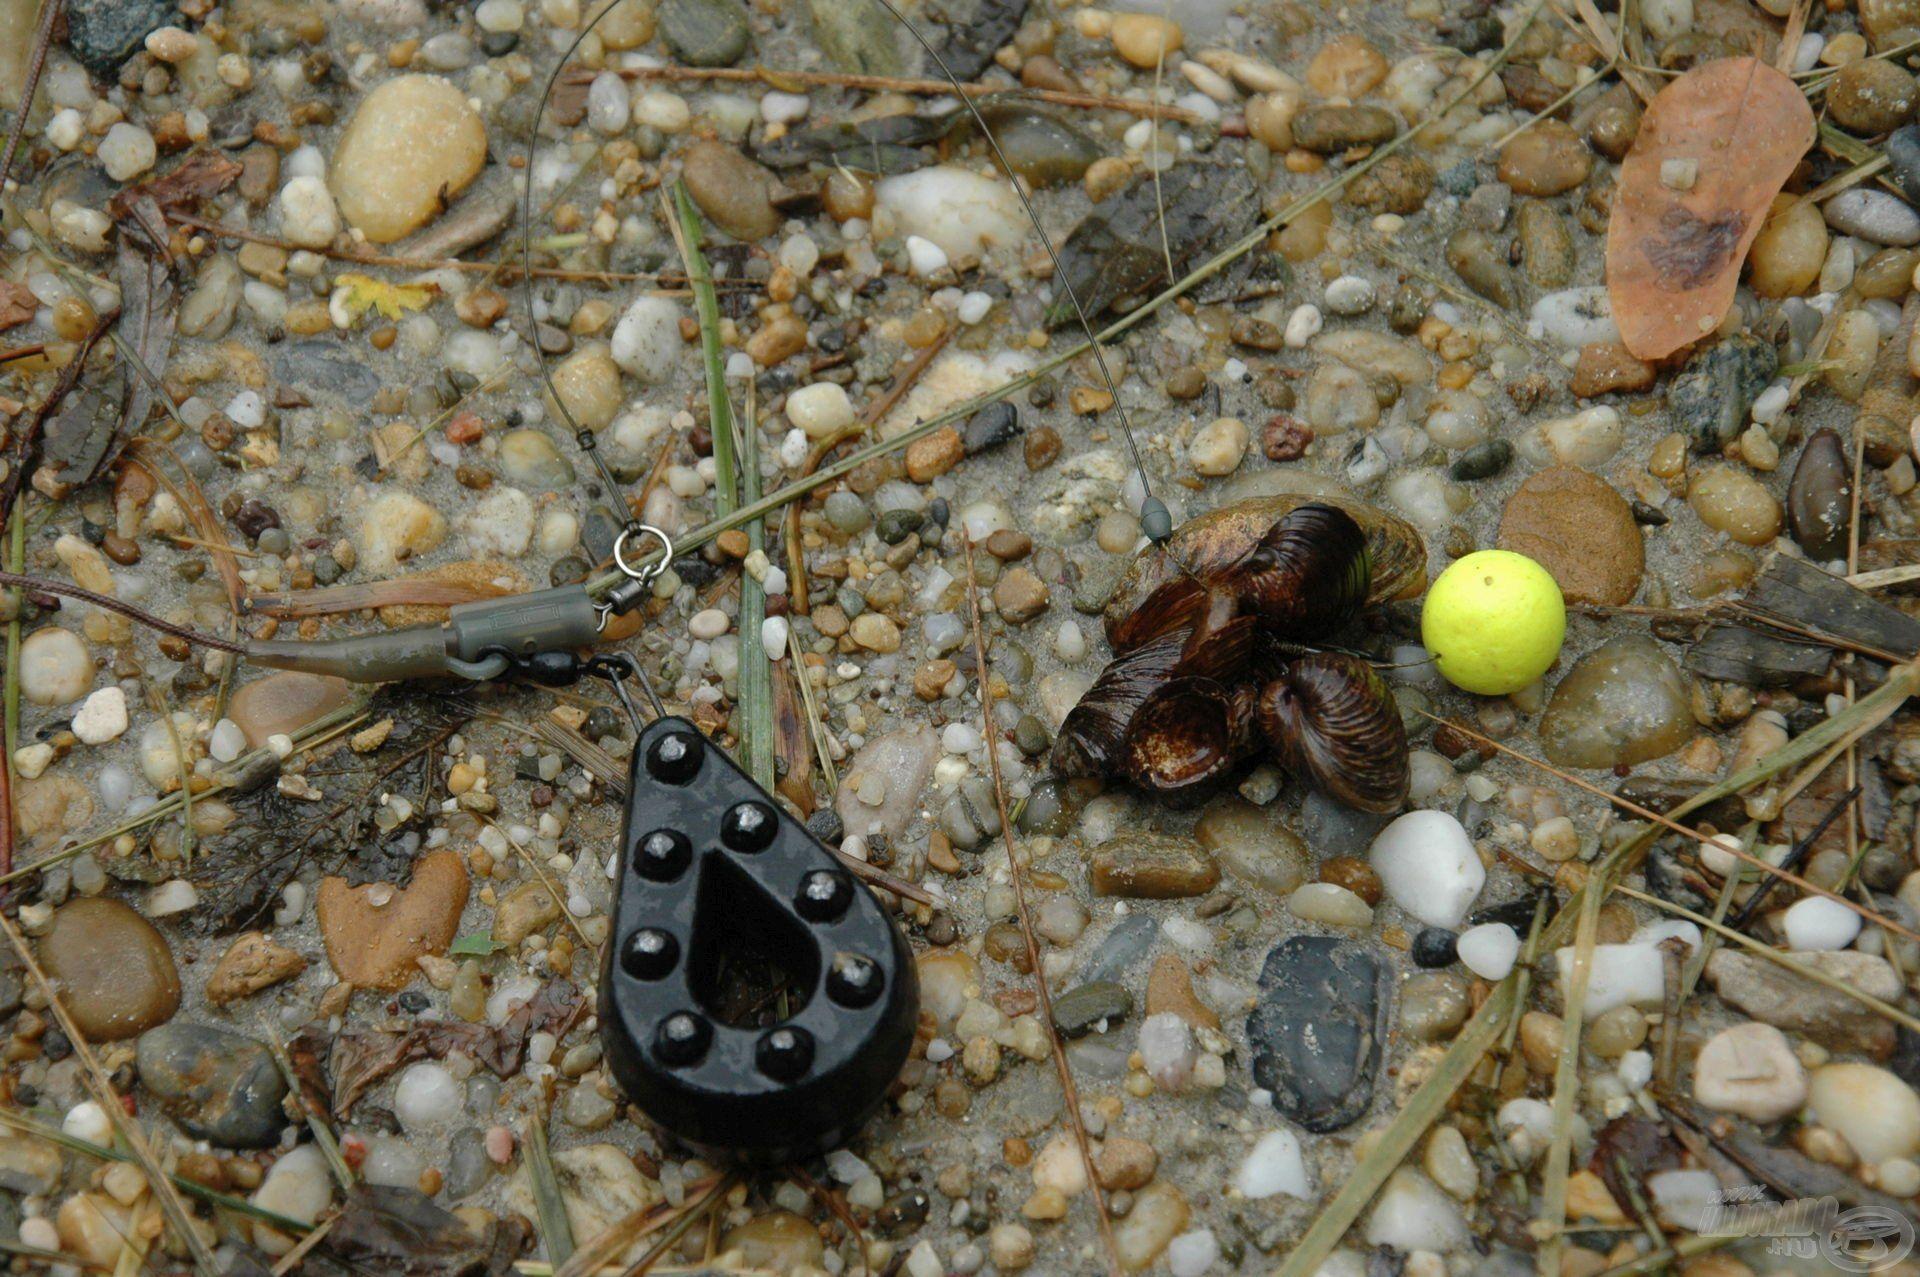 Érdemes 6-8 óránként frissíteni a kagylók miatt is, az áramló vízben a hosszabb előke könnyen bekerülhet az aljzatot borító kagylók közé, ami ellehetetleníti a horgászatot